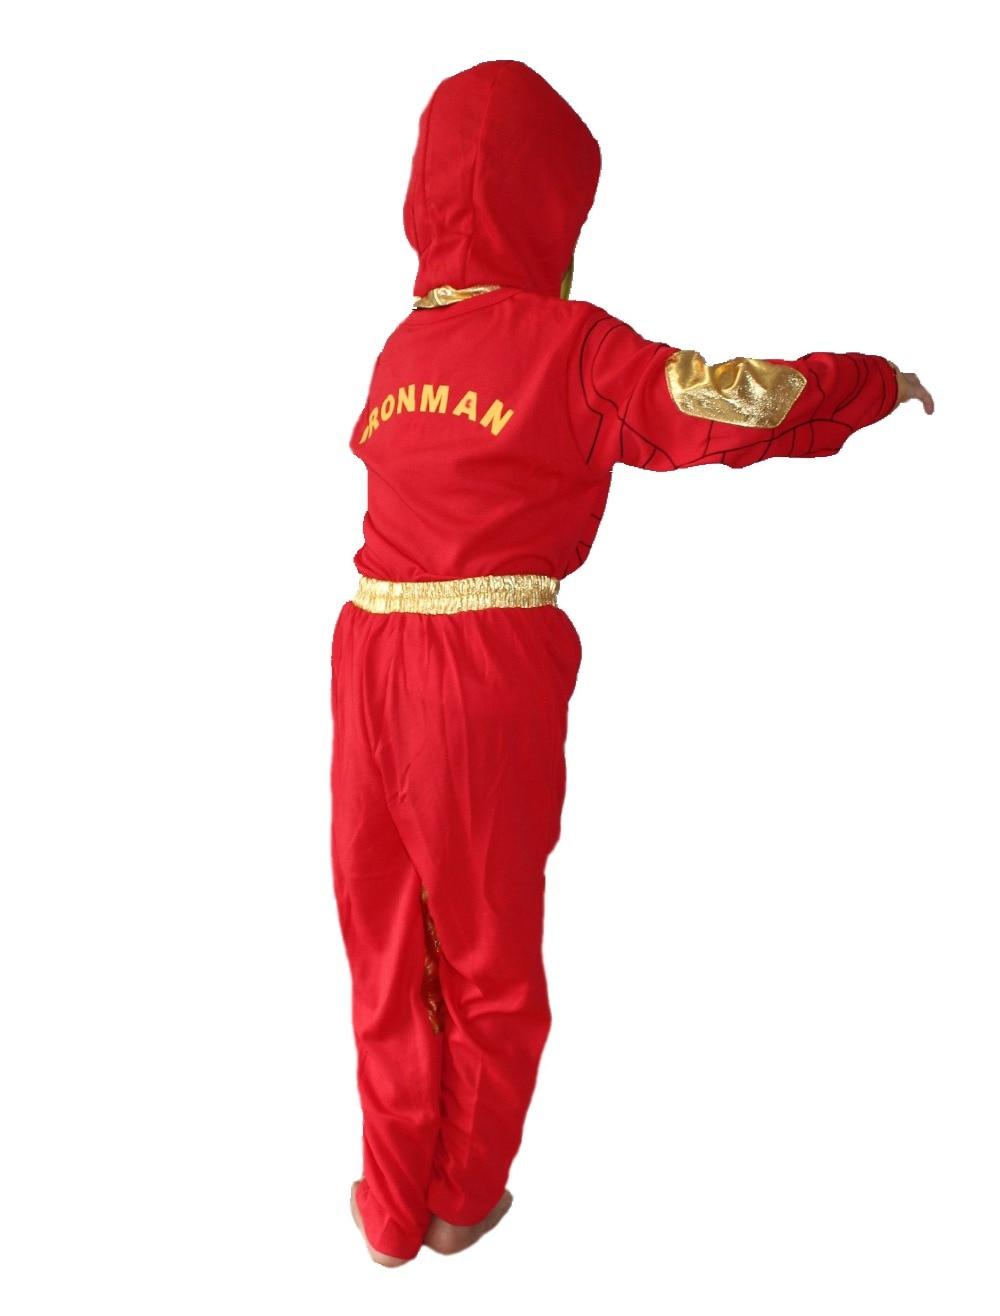 Հելոուին 3 - 7 տարի երկար թև Երեք կտոր - Կարնավալային հագուստները - Լուսանկար 4